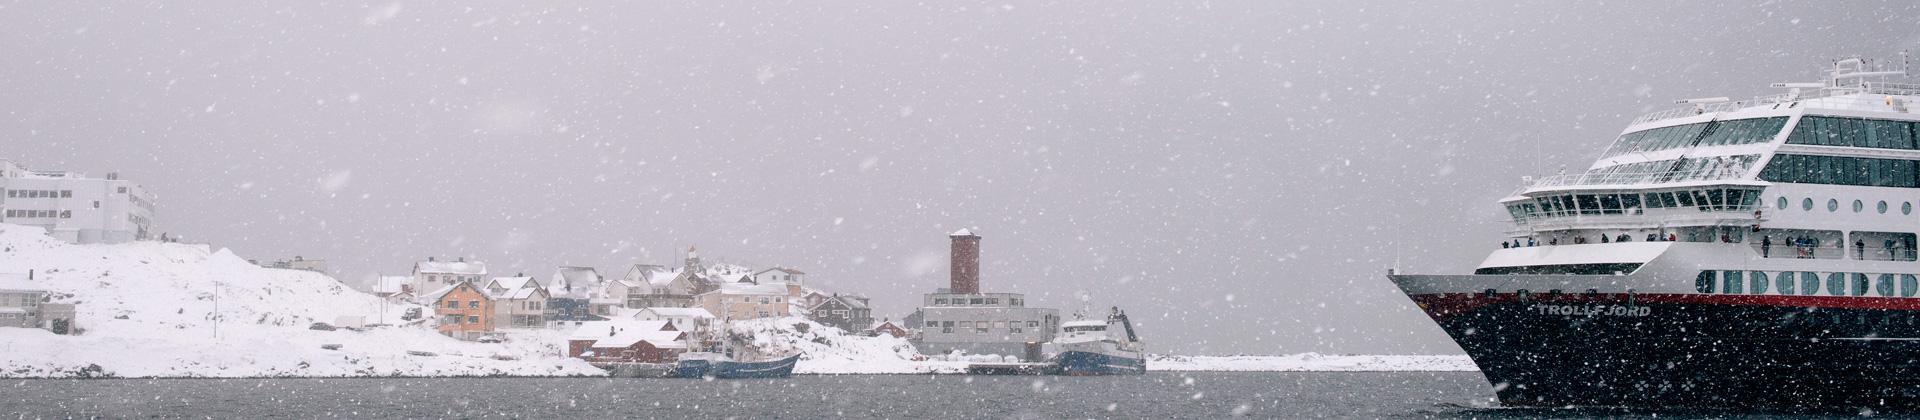 L'Hurtigruten